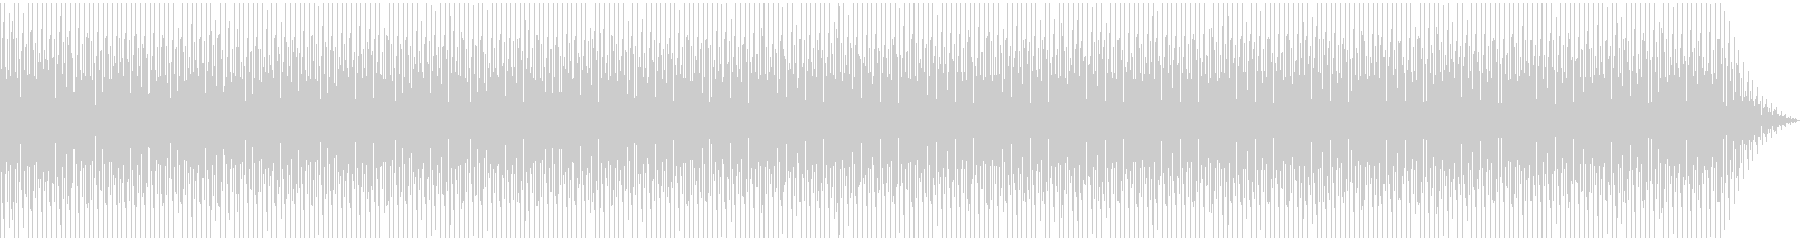 シンプルでオシャレなクラップとストンプの未再生の波形